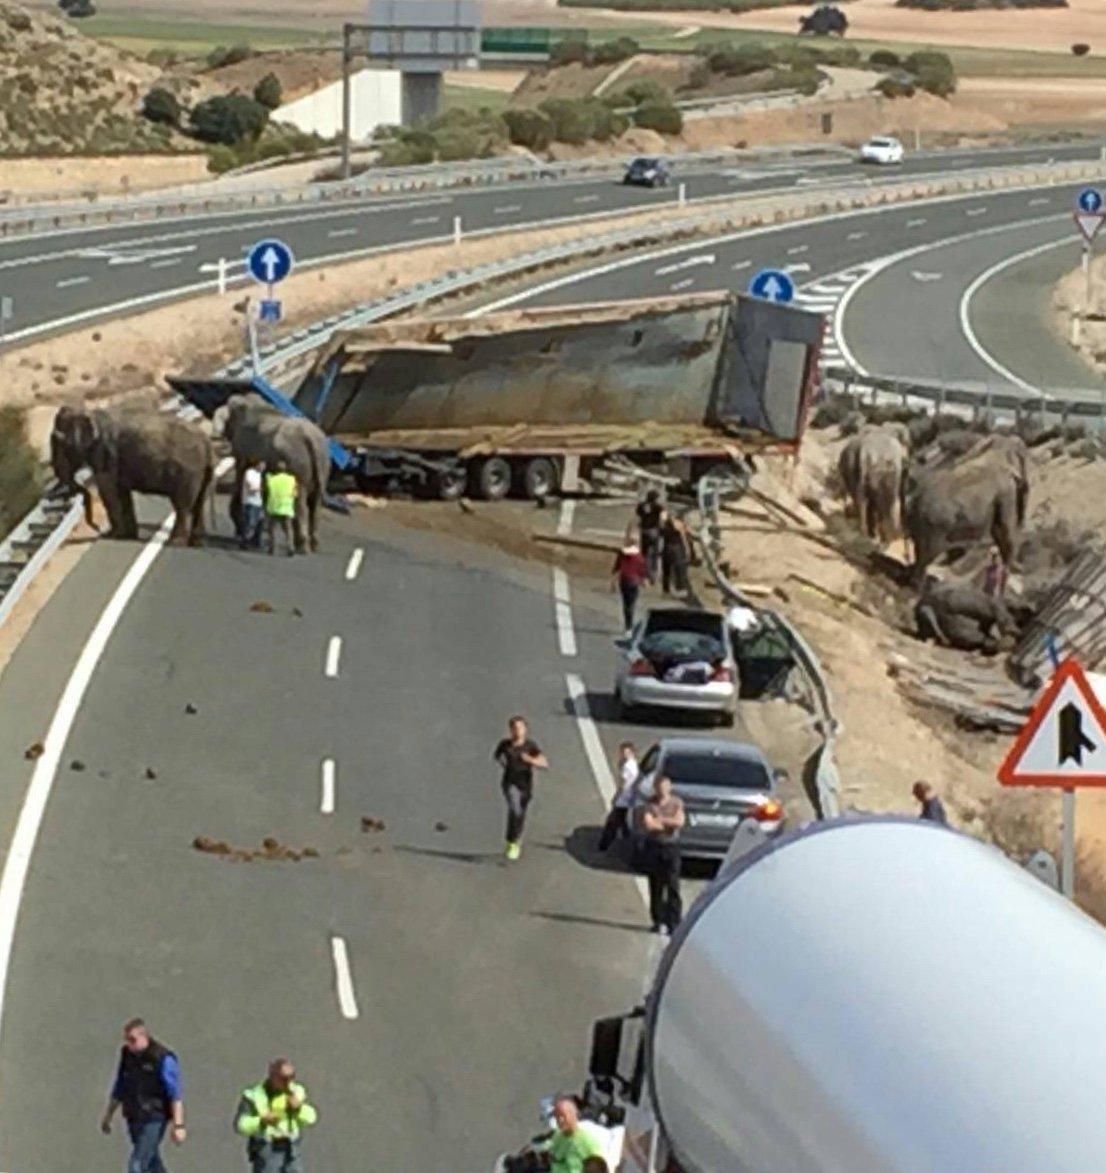 Cinco elefantes hembra que eran transportadas en un cambión de circo resultaron víctimas de accidente auotmovilístico. Foto: Twitter.